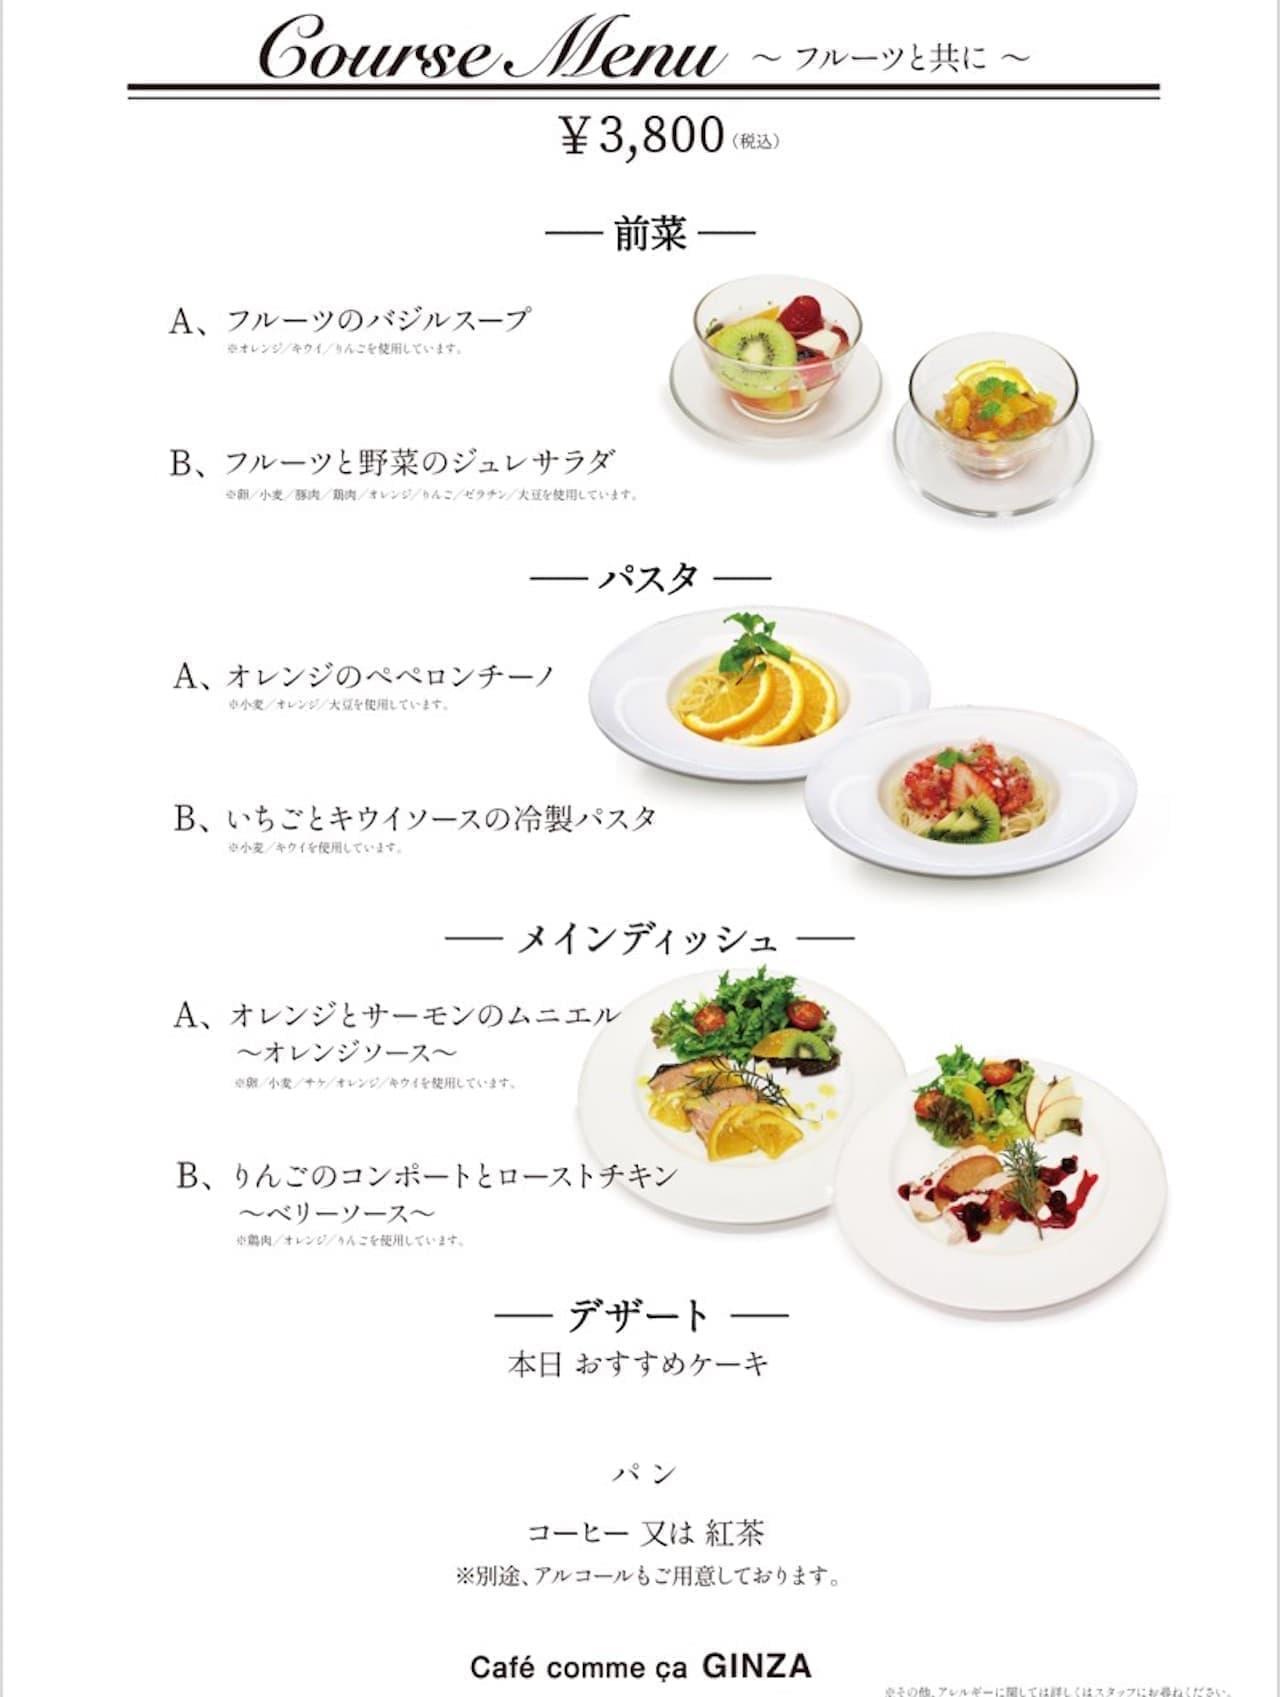 カフェコムサ銀座店「コースメニュー」